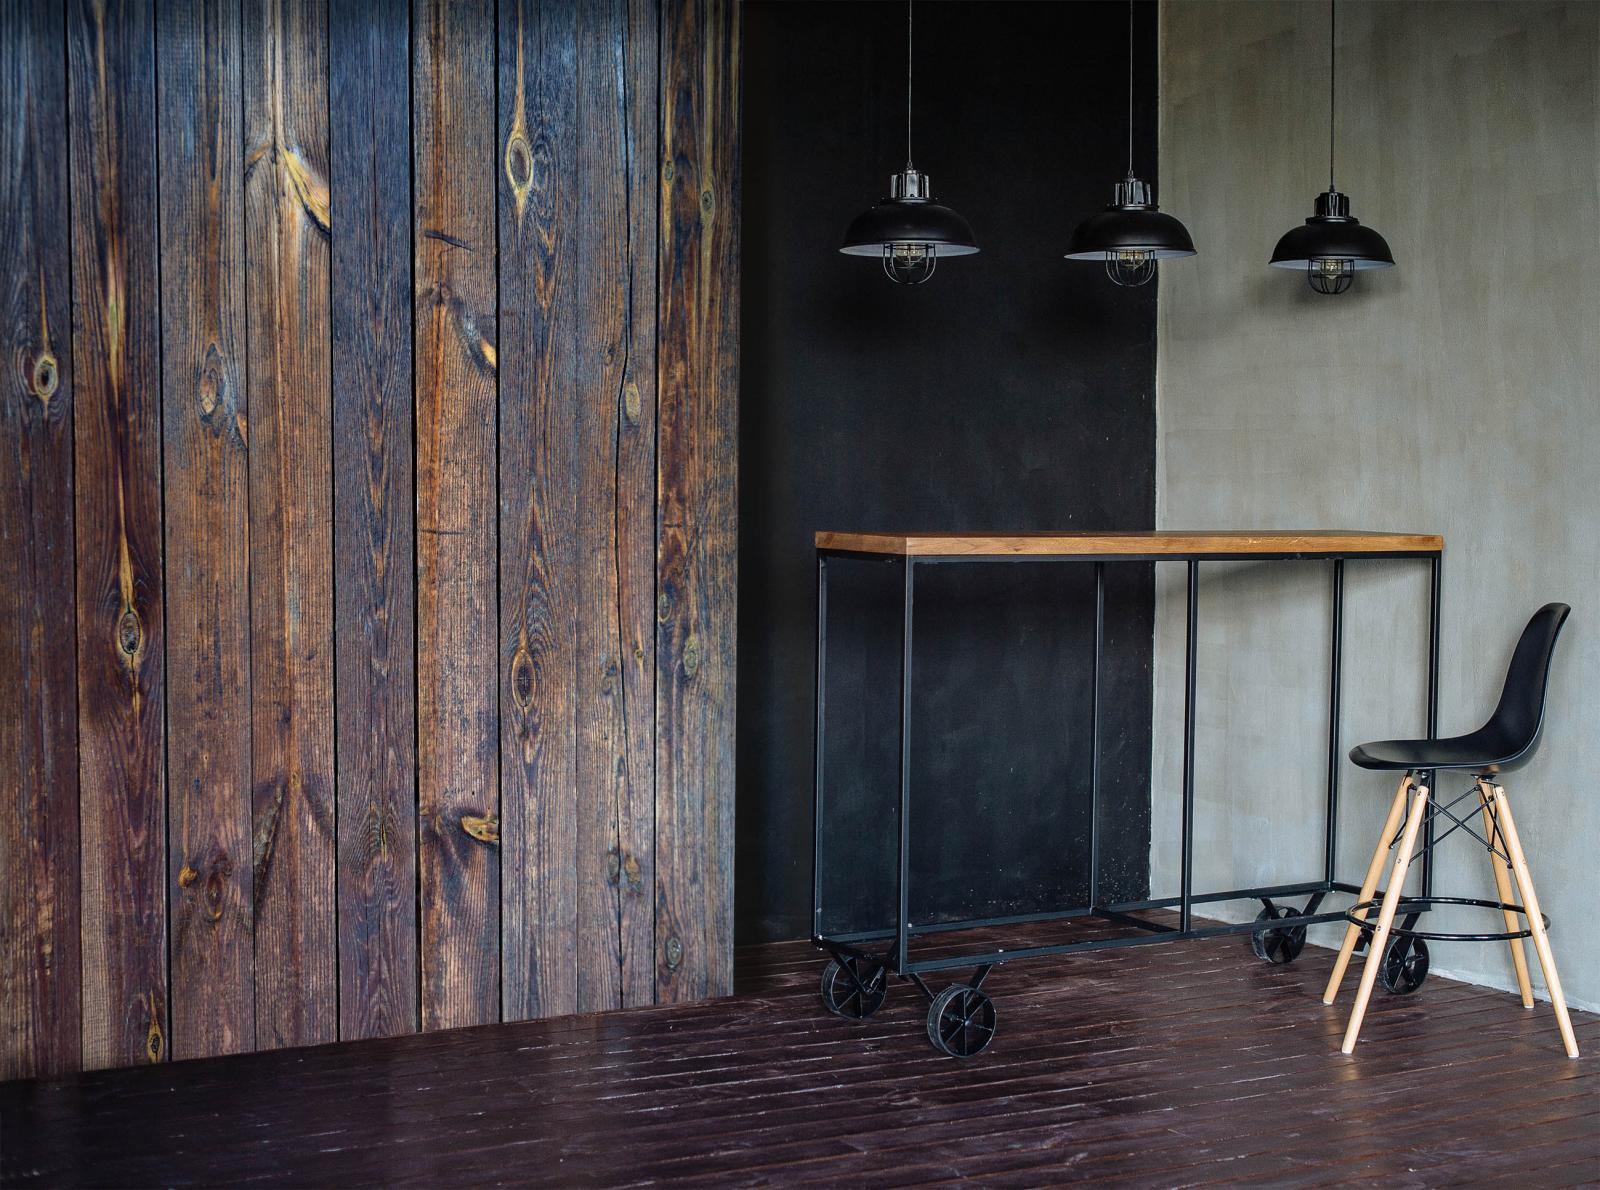 Кухня в стиле лофт (100+ лучших фото): создаем продуманный дизайн интерьера без дизайнера